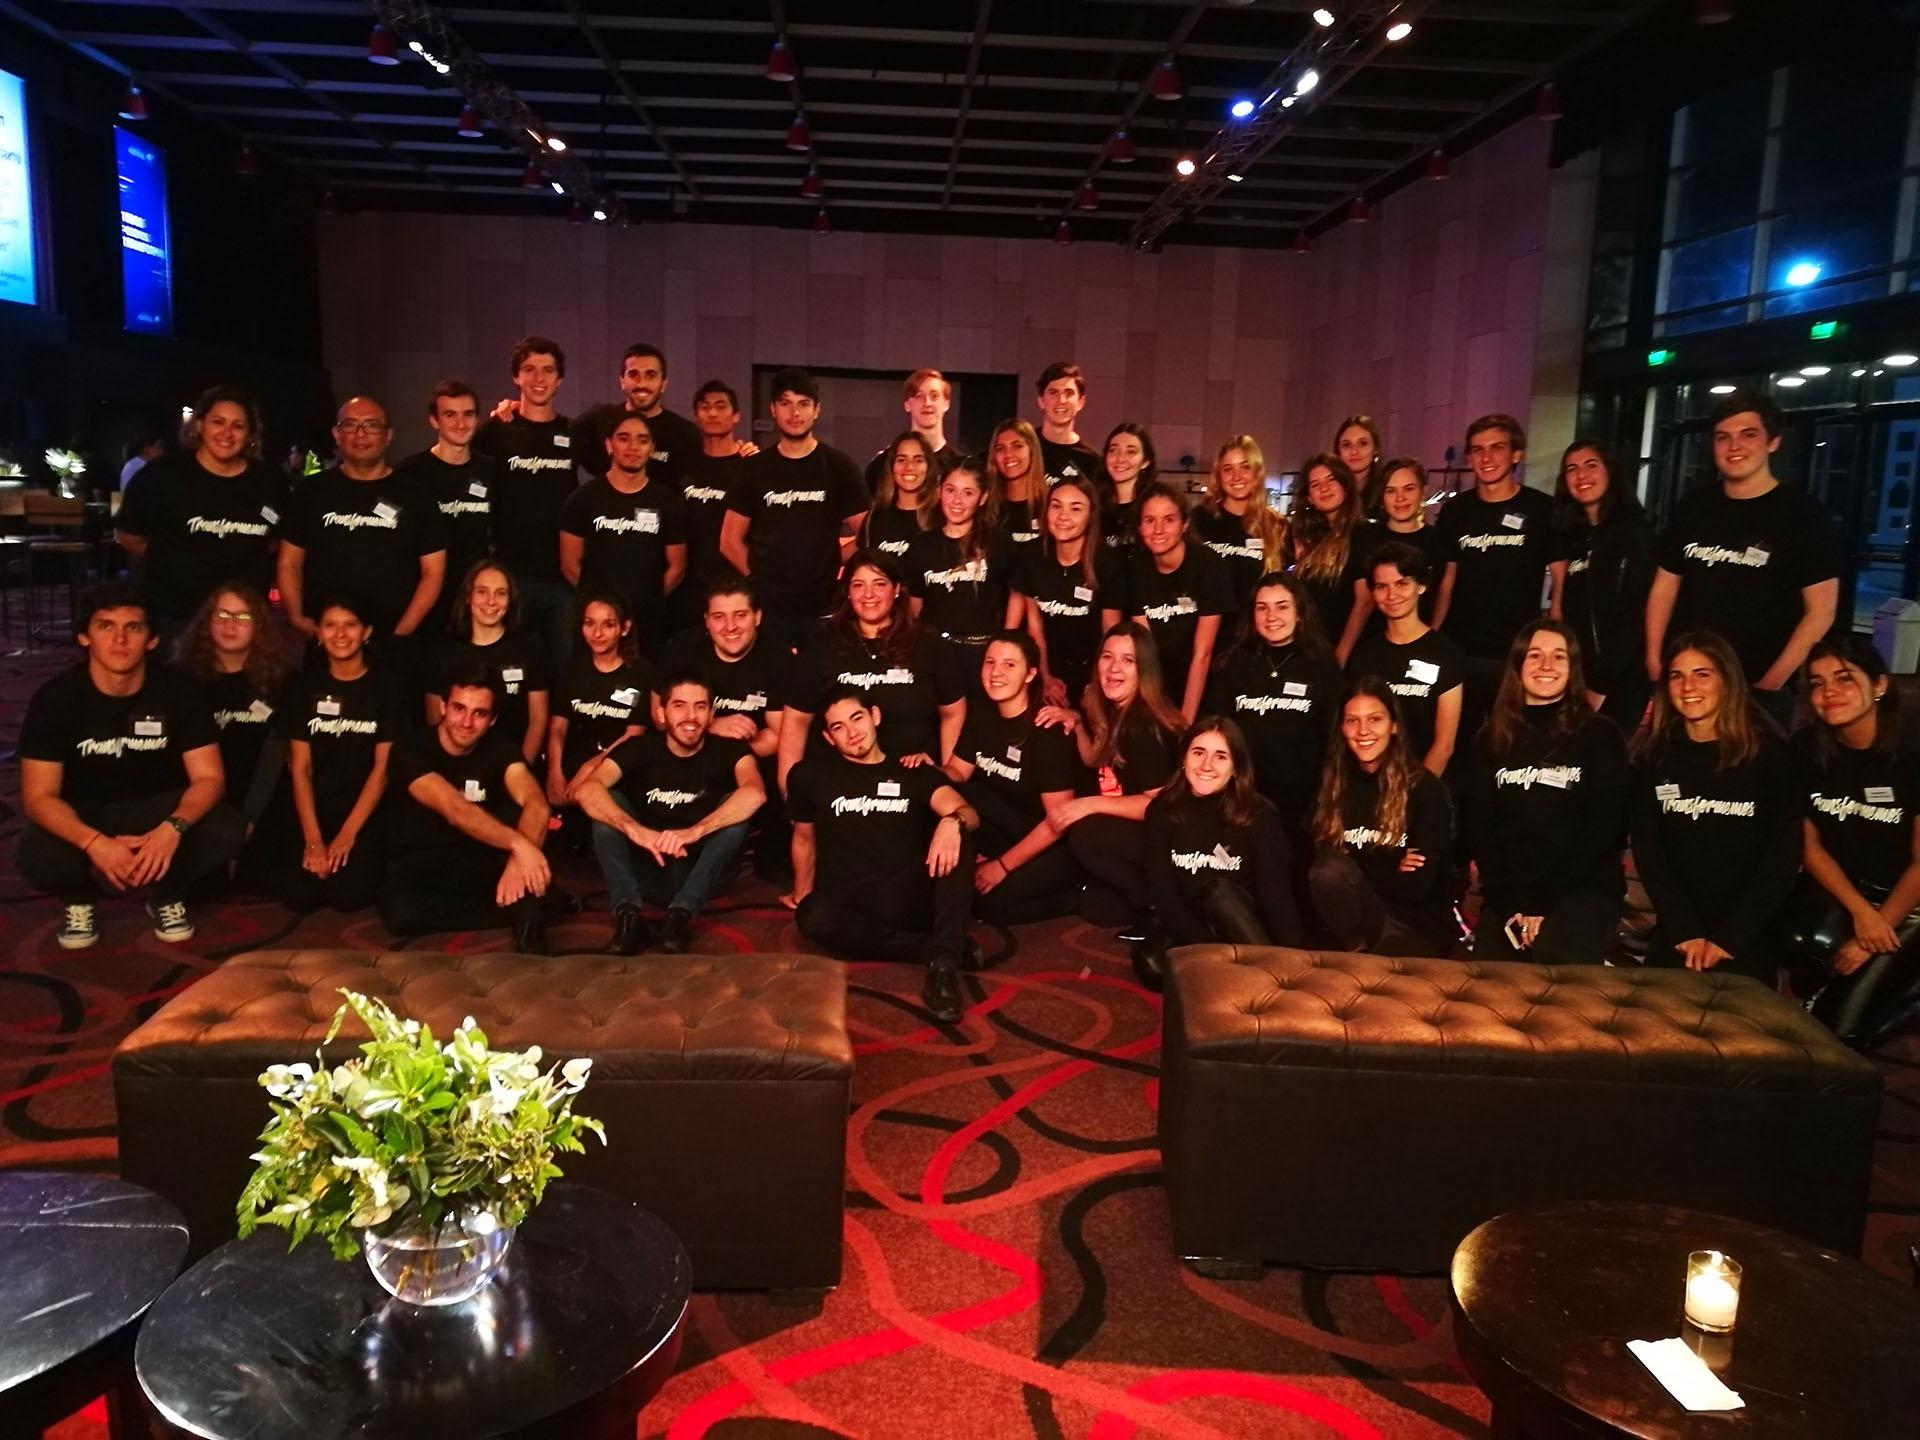 42 alumnos becados de la Universidad Austral participaron como voluntarios en la segunda Cena Austral /// Fotos: Gentileza Universidad Austral